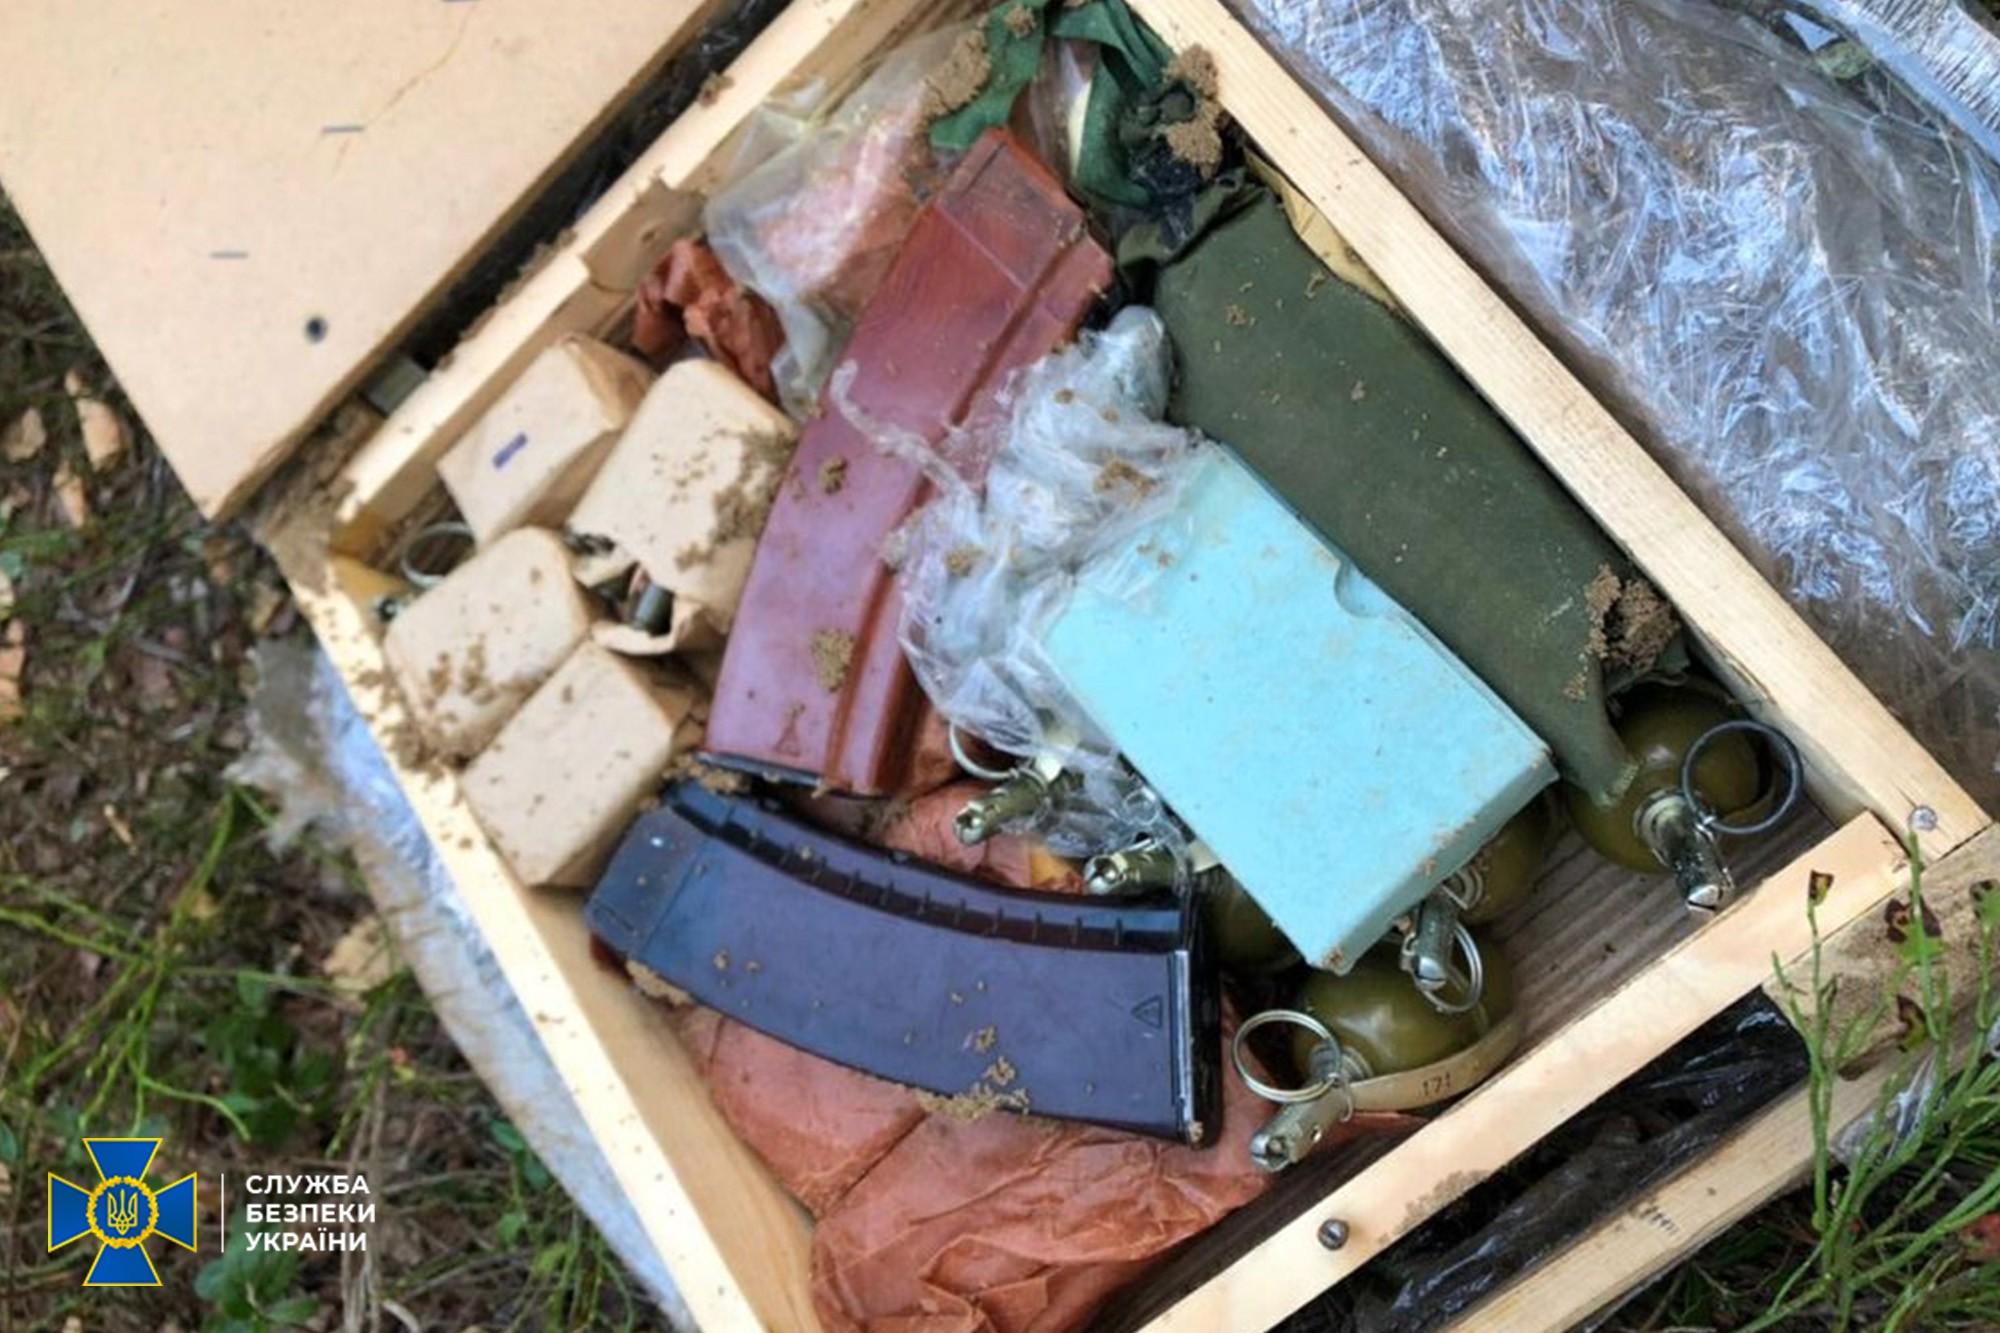 СБУ нашла тайник с боеприпасами и взрывчаткой на границе с Беларусью – фото, видео